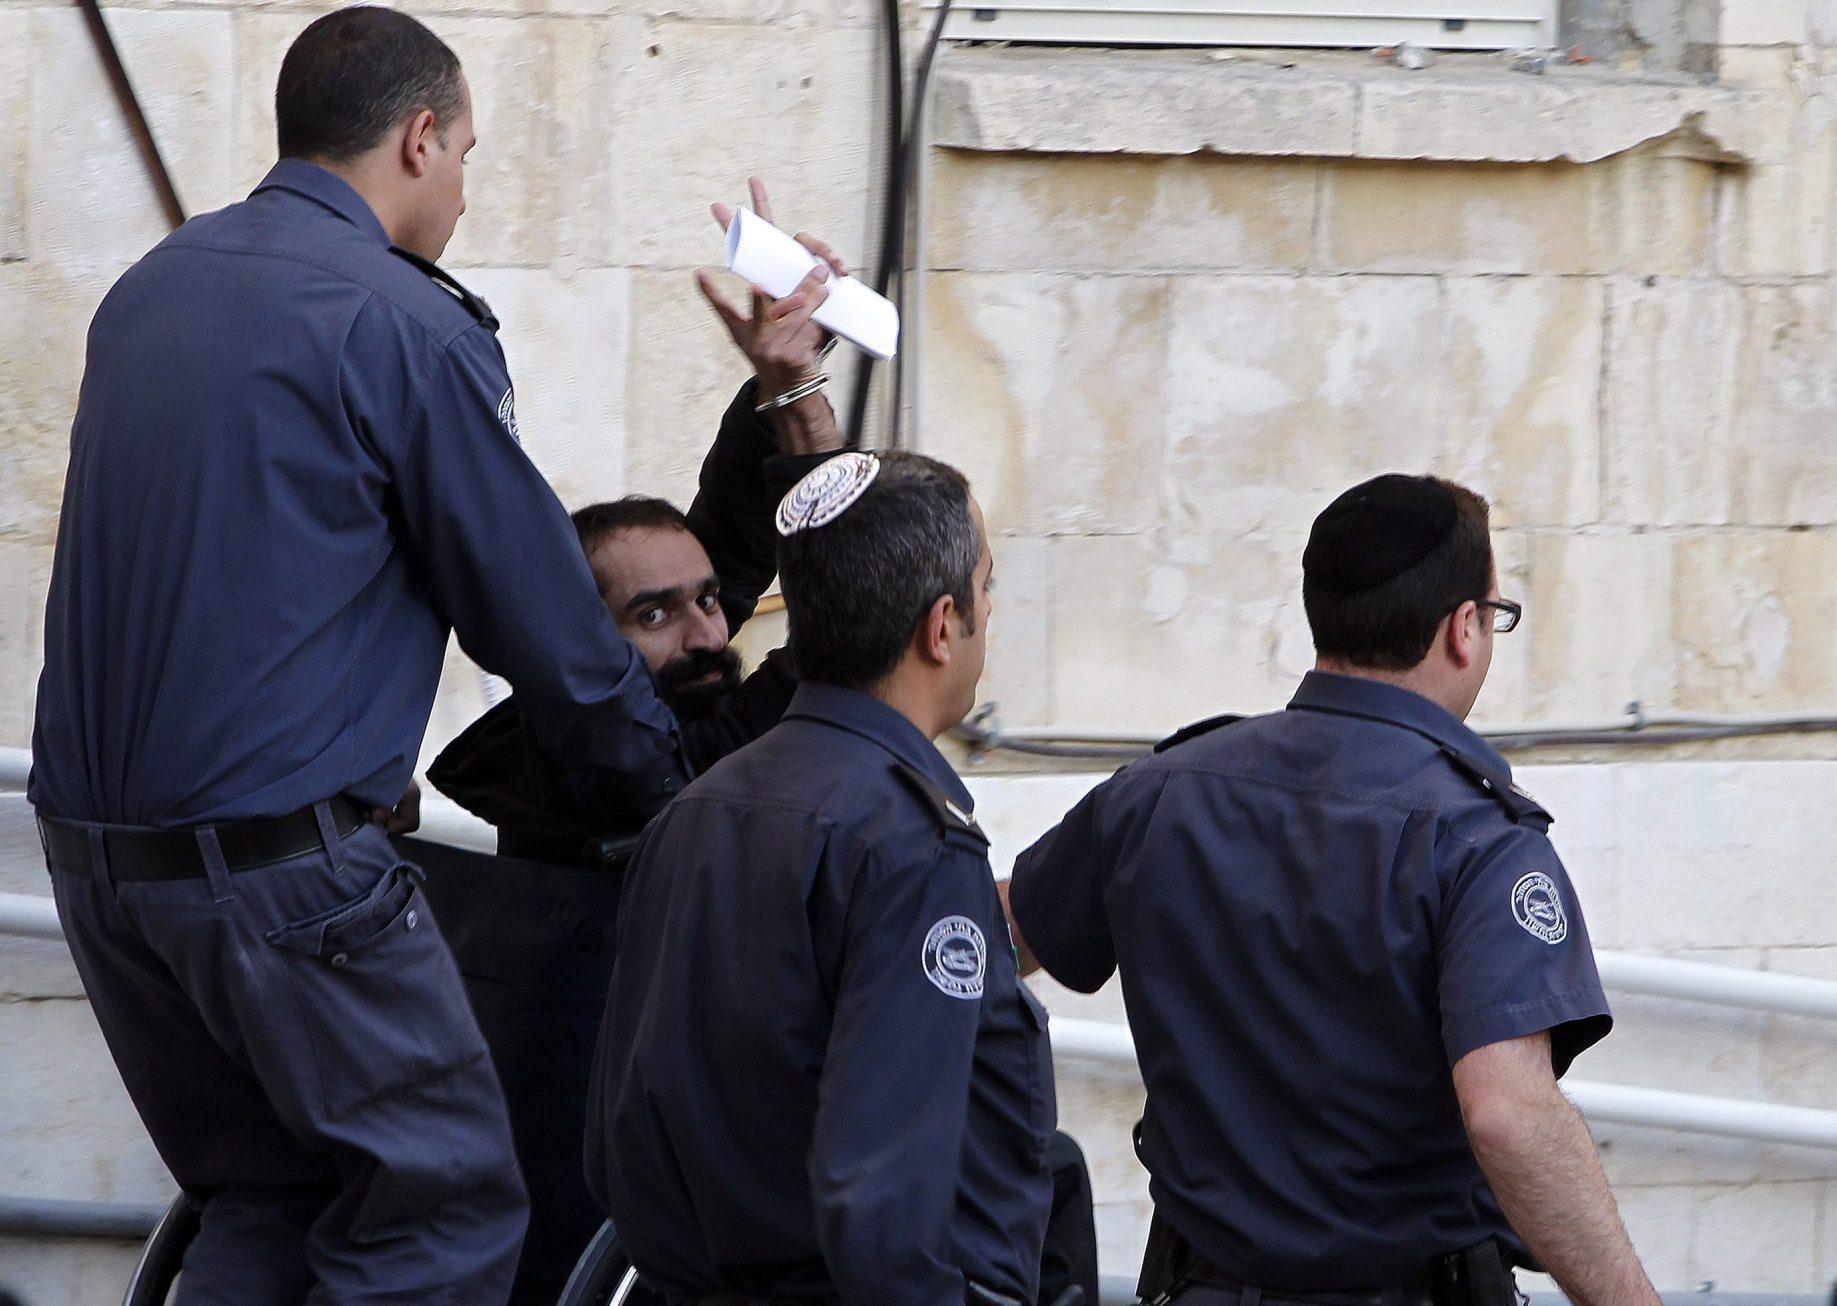 وزارة الأمن الداخلي تعمم  مشروع قانون الإطعام القسري للأسرى الفلسطينيين المضربين